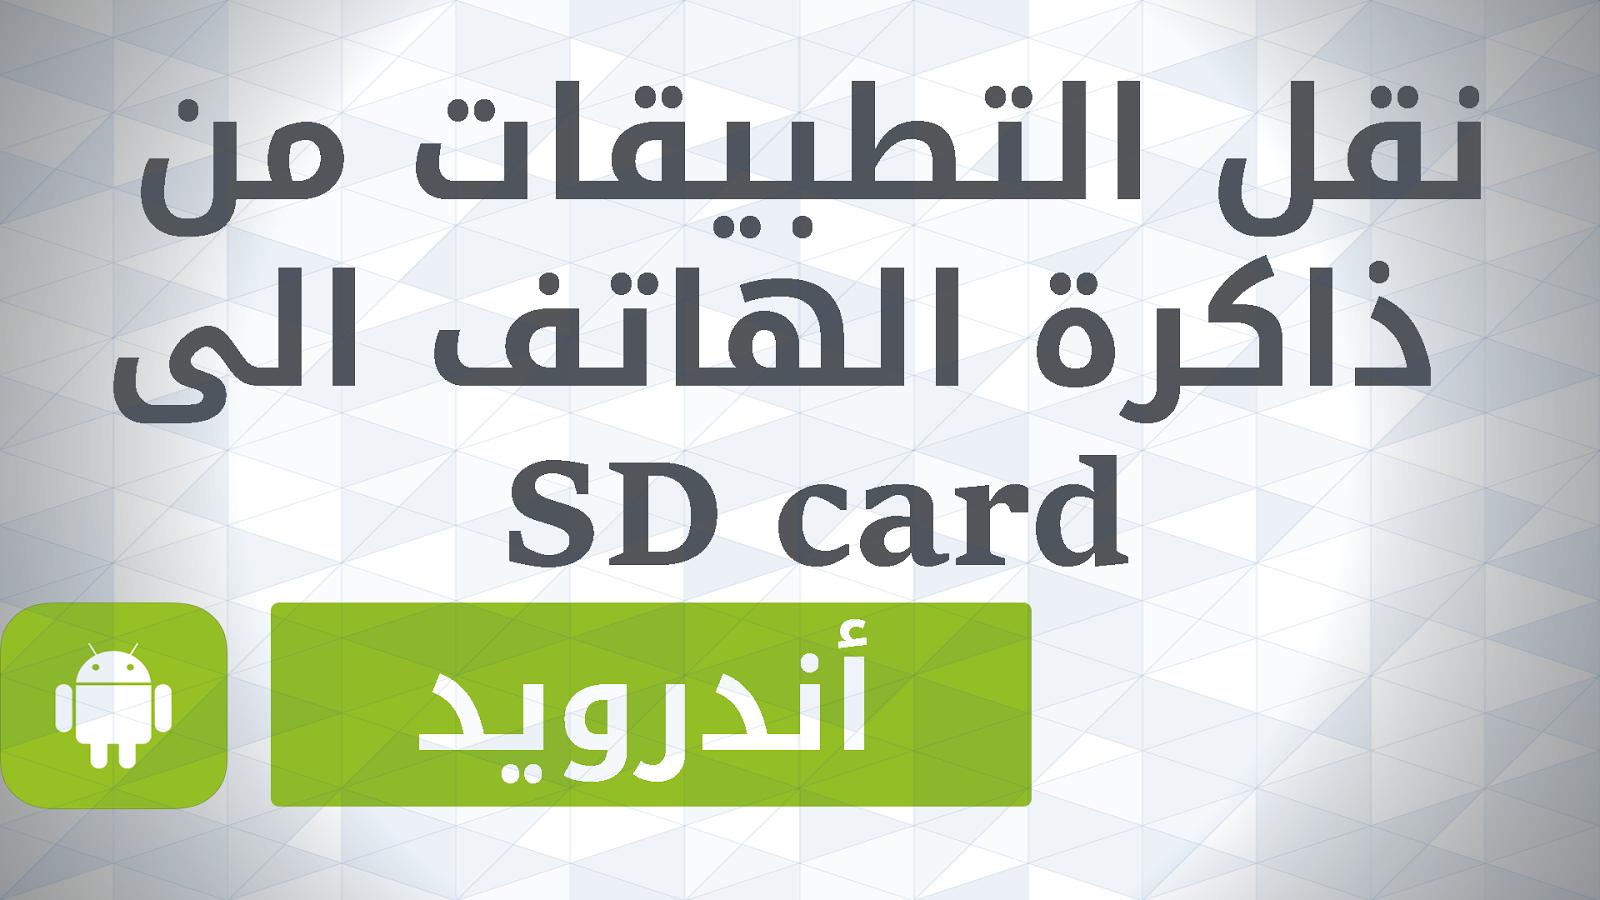 أفضل طريقة لنقل التطبيقات من الذاكرة الداخلية الى SD card على أجهزة الأندرويد | بدون روت